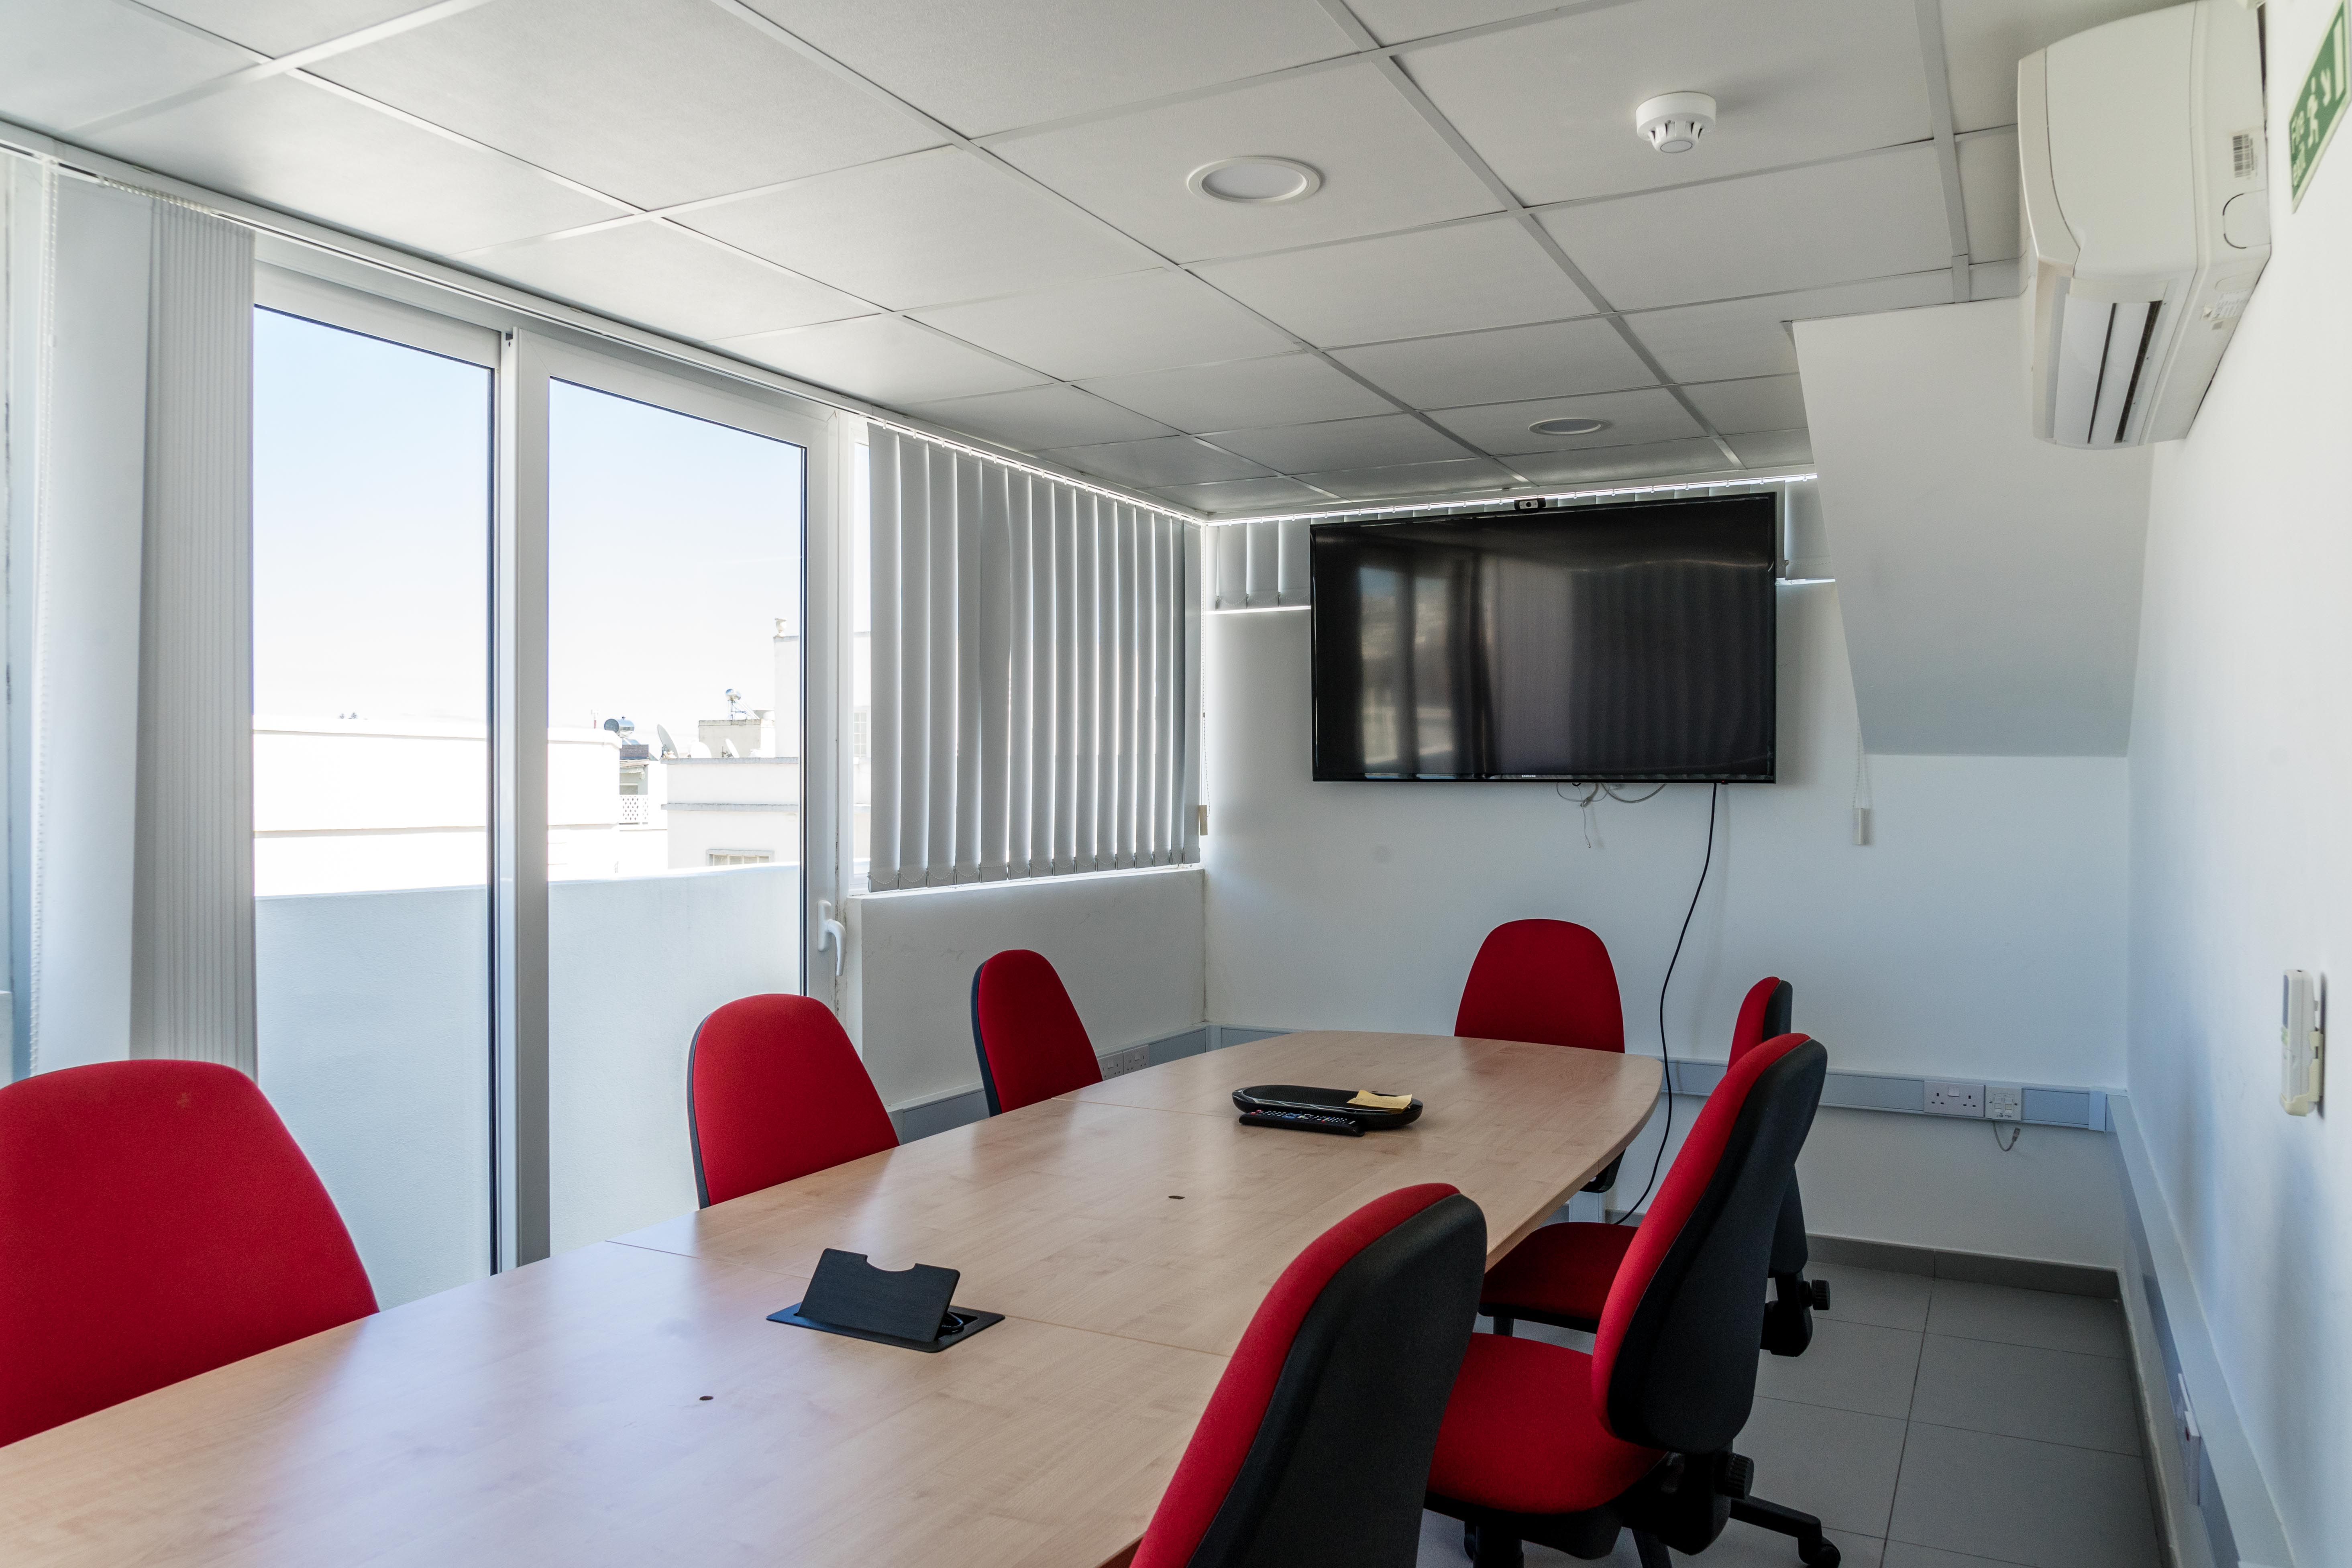 Offices in Ta' Xbiex